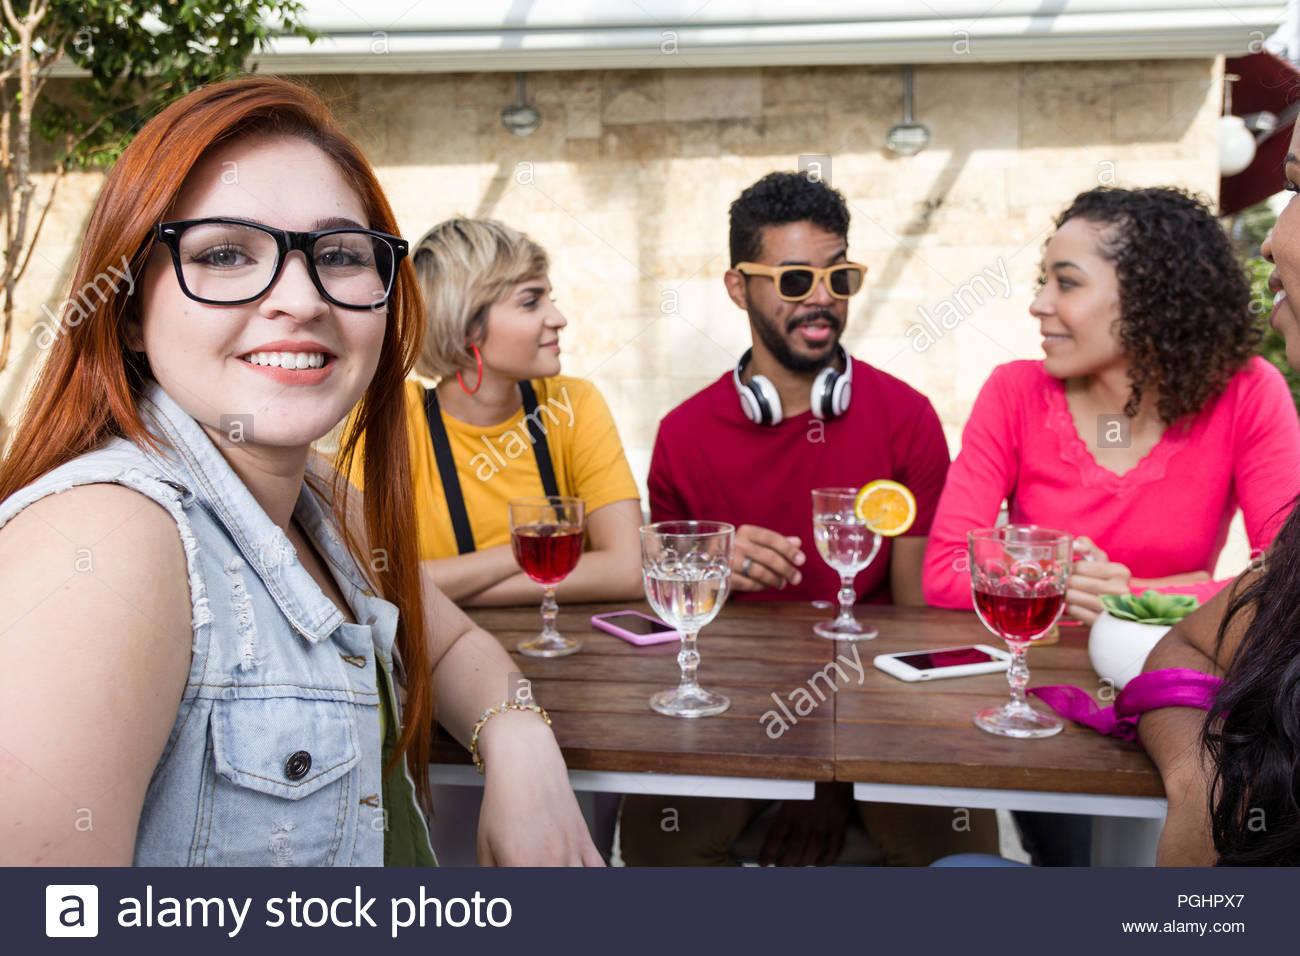 Happy millennials Freunde jubeln und zusammen trinken im Cafe Bar im Freien. Mixed Race Gruppe von Freunden Spaß an Restaurant außerhalb haben. Feder, wa Stockbild